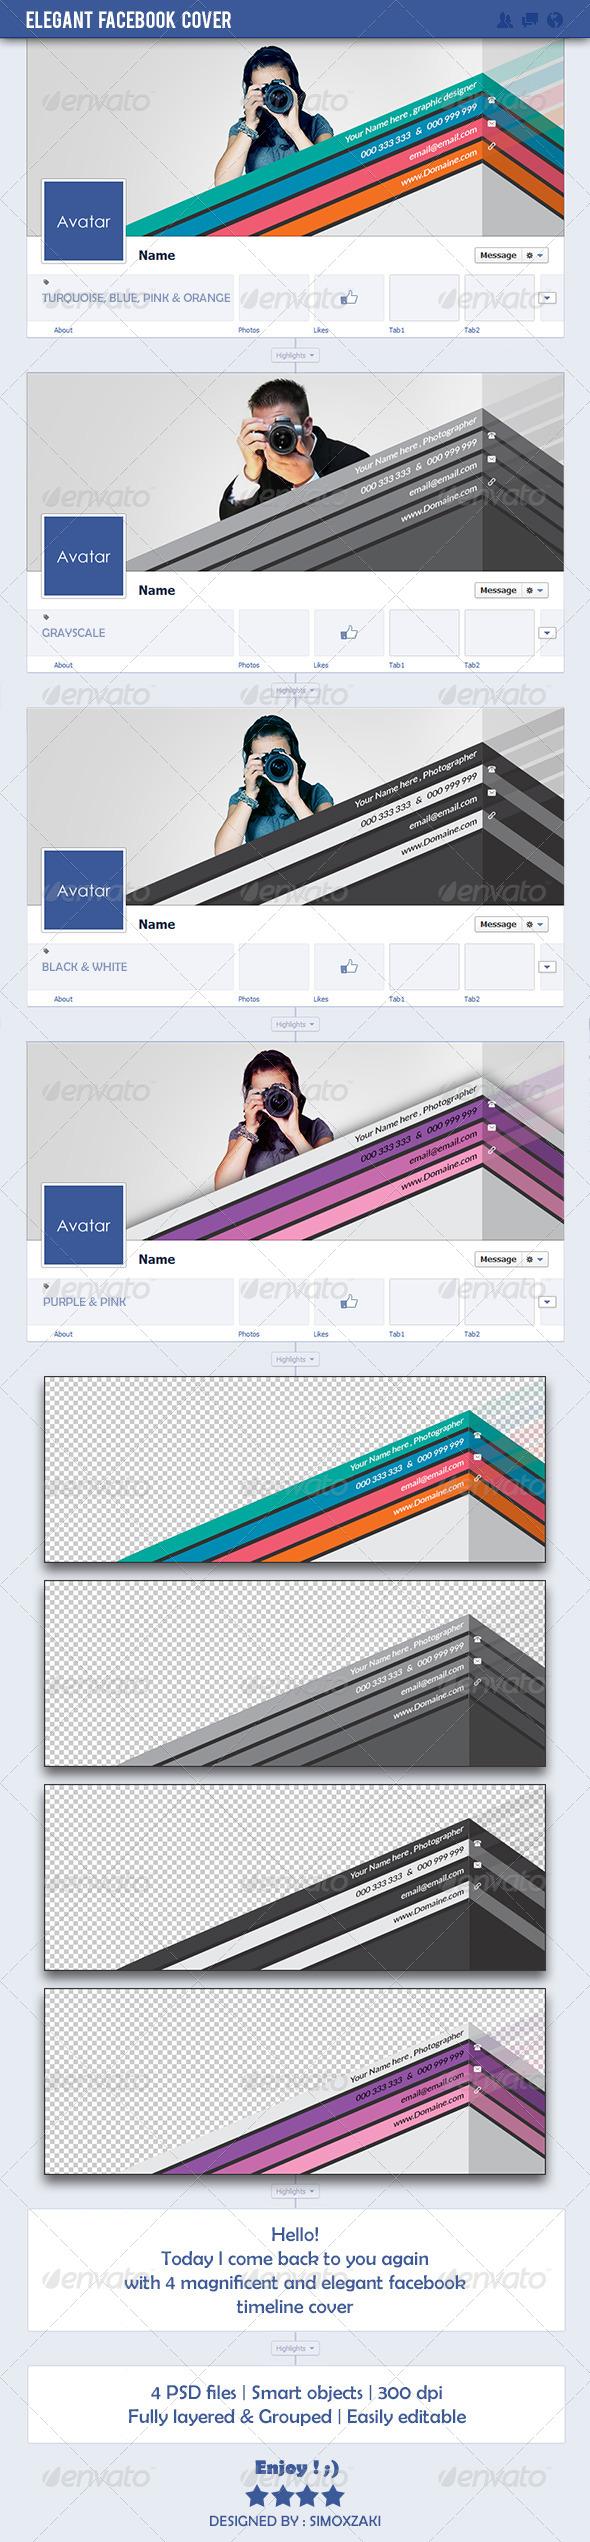 Elegant facebook Cover - Facebook Timeline Covers Social Media